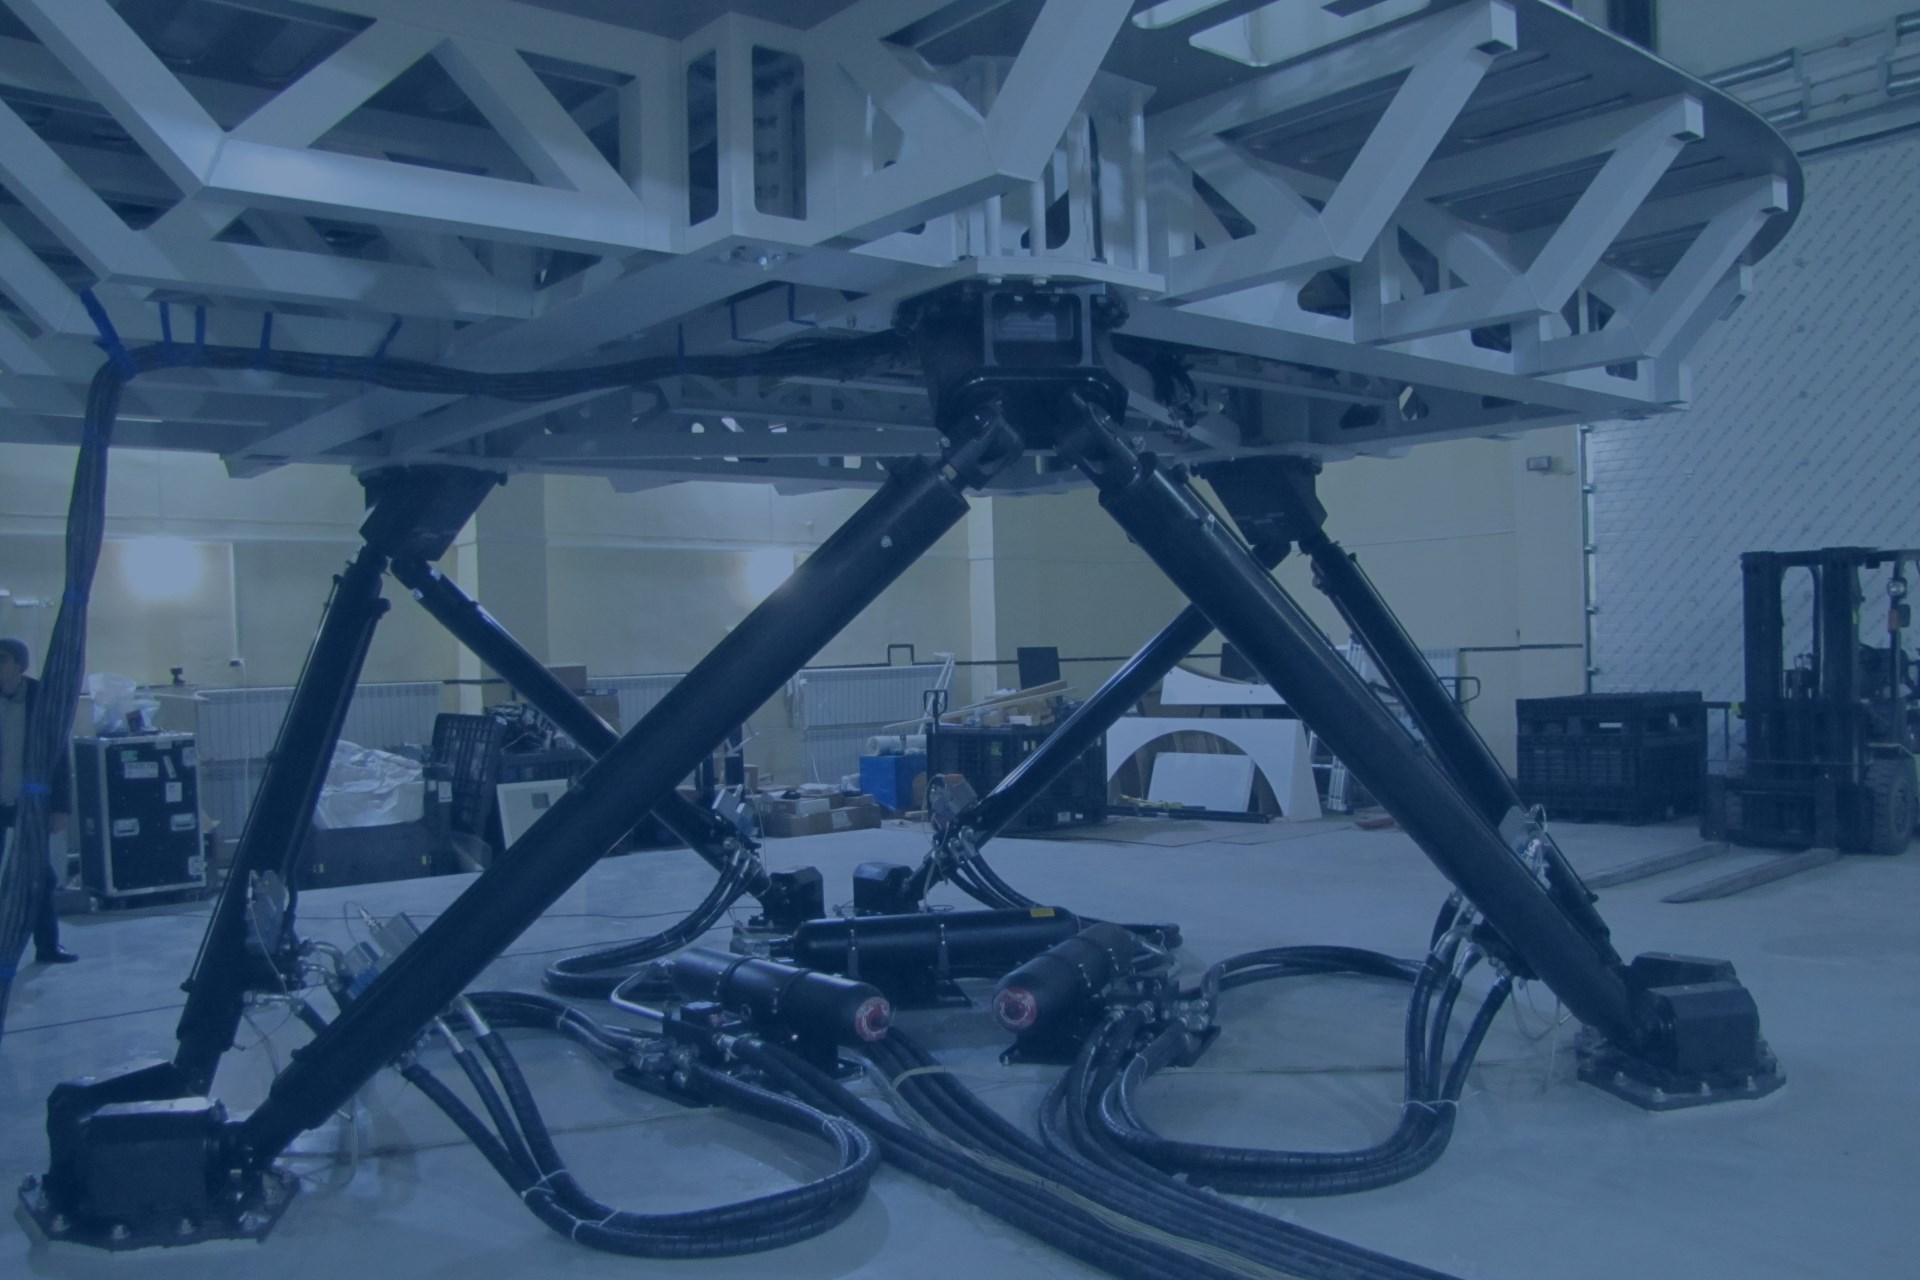 Realizace simulátoru pro výcvik pilotů. Systém HEXAPOD